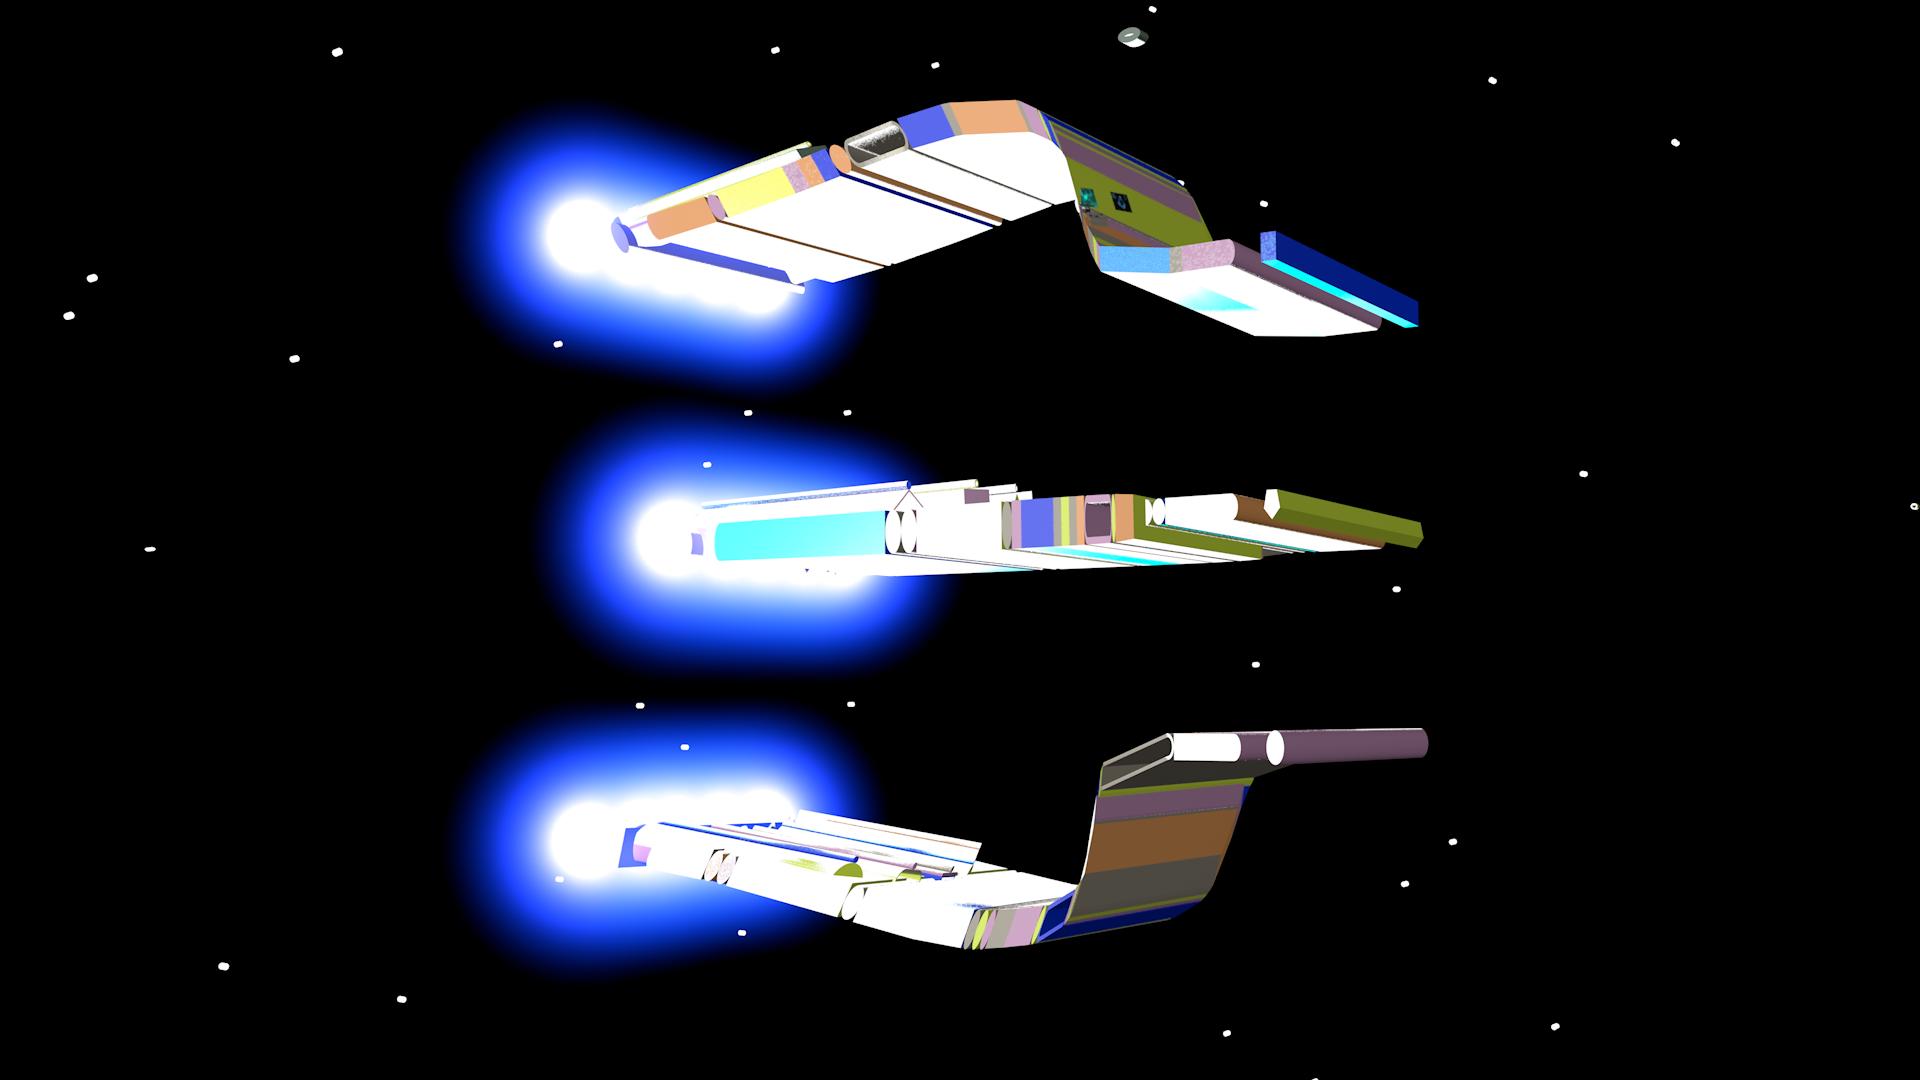 Blend Ship Entering Warp Speed Mode